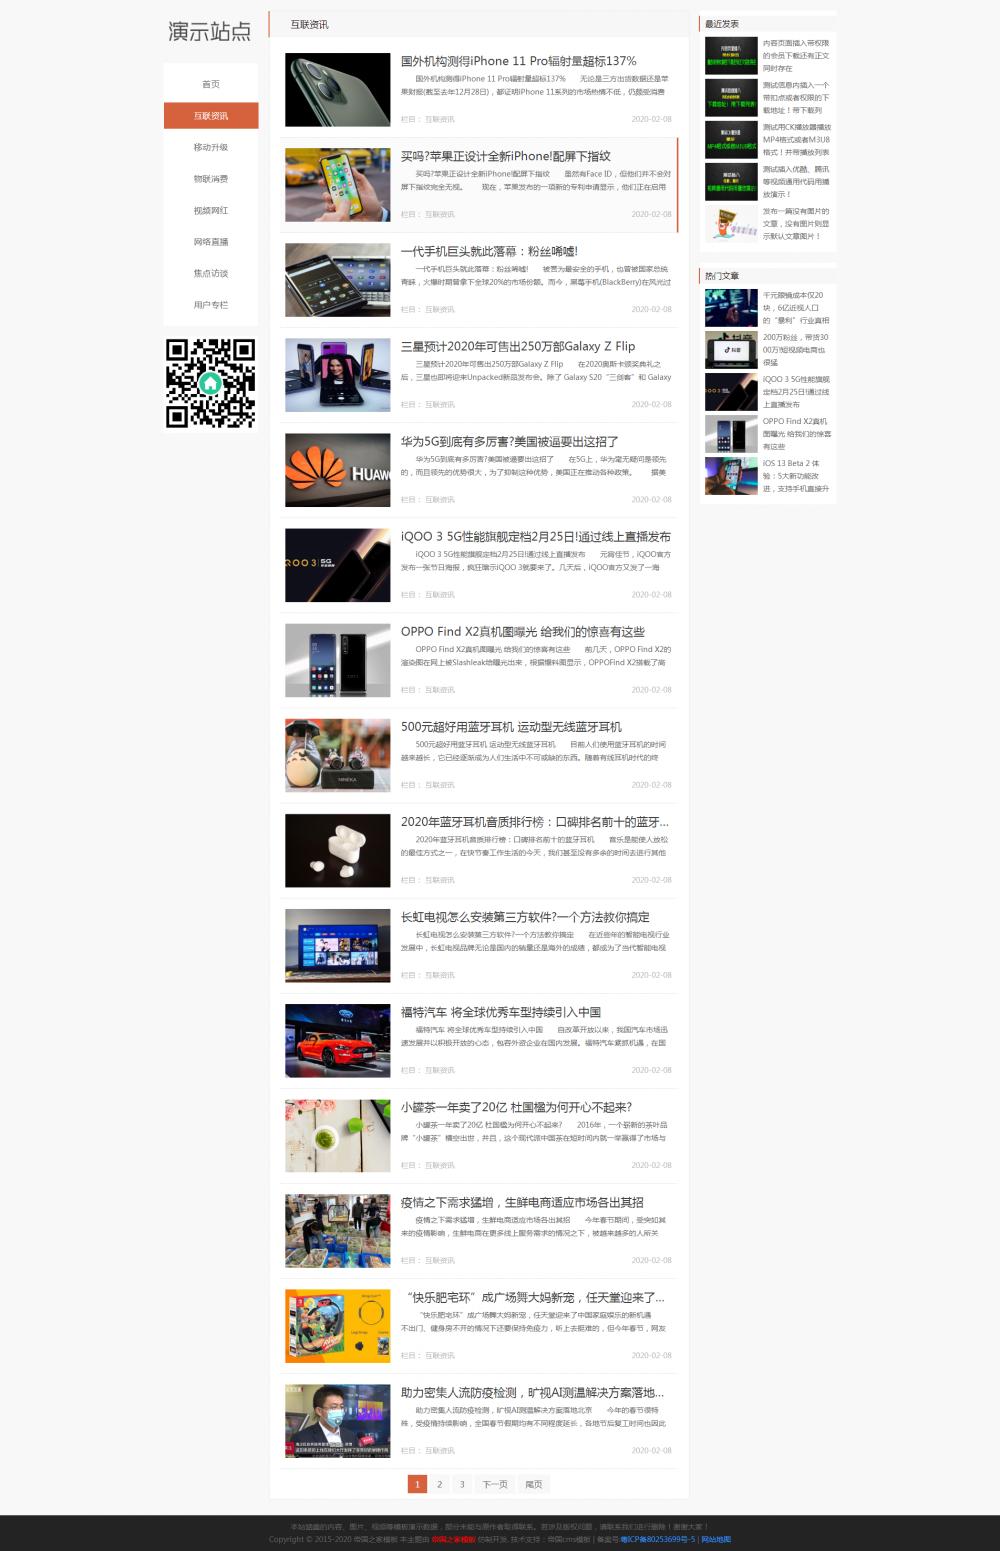 2新闻栏目页.png [DG-0159]响应式个人网站帝国cms模板 自适应个人博客帝国网站源码 博客文章 第2张